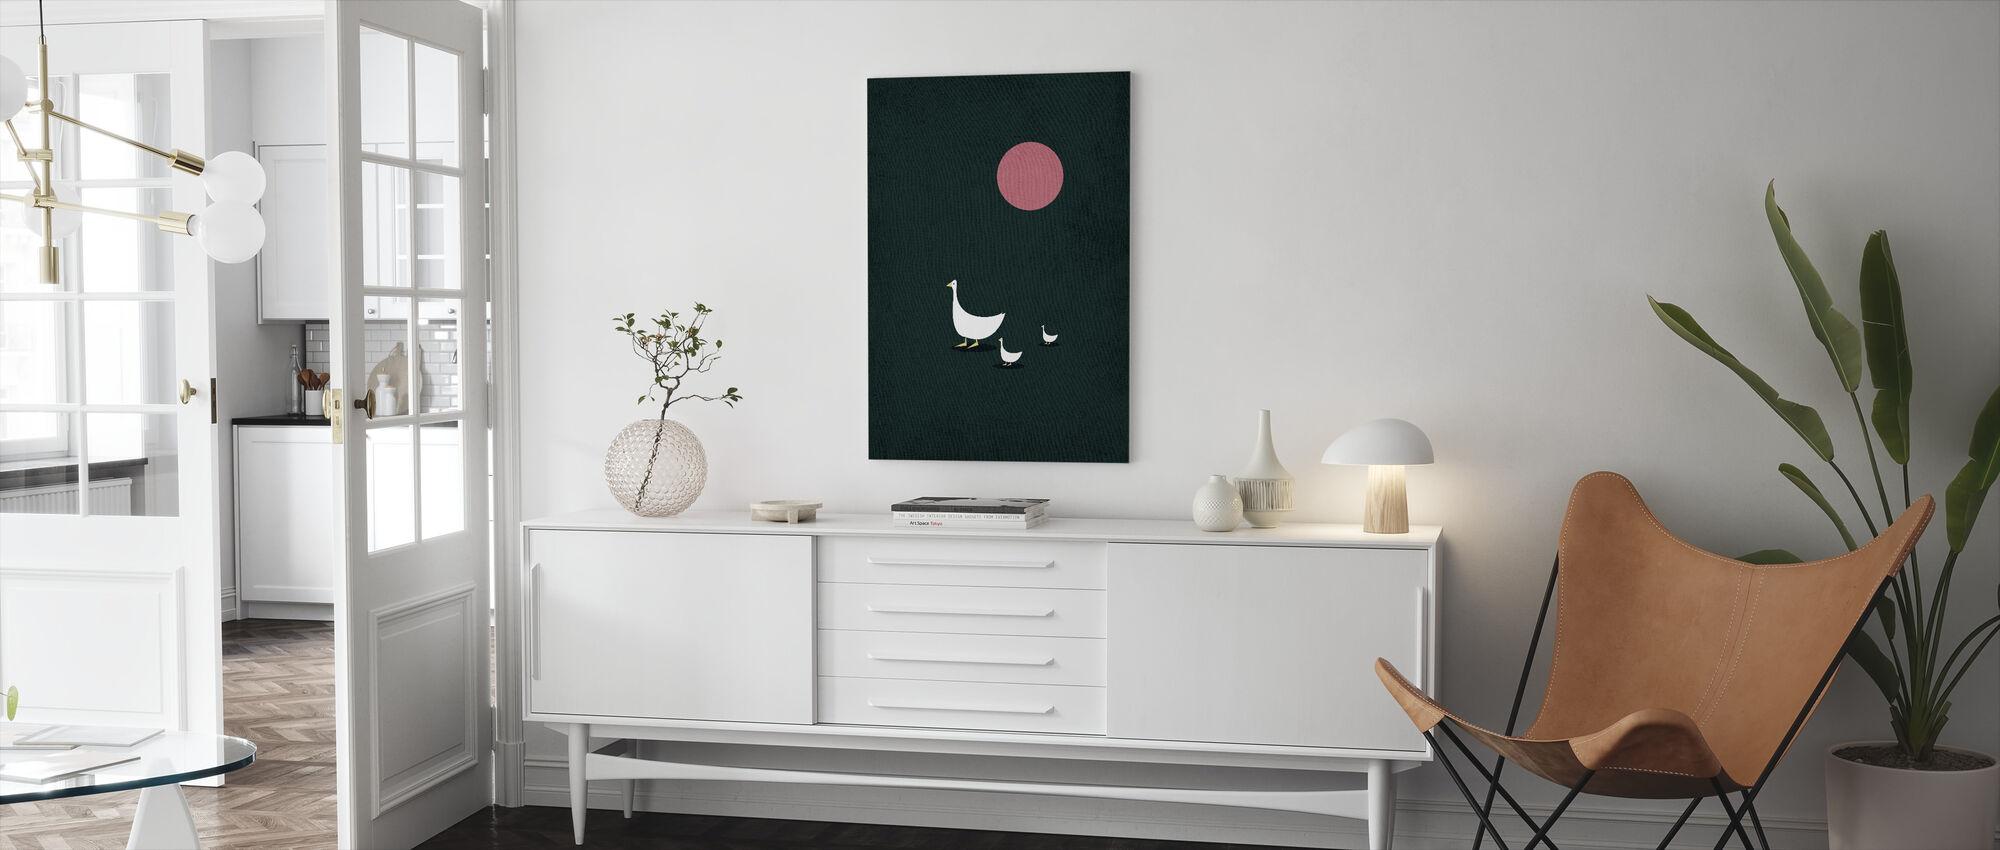 Zonnige kant van het leven - Canvas print - Woonkamer